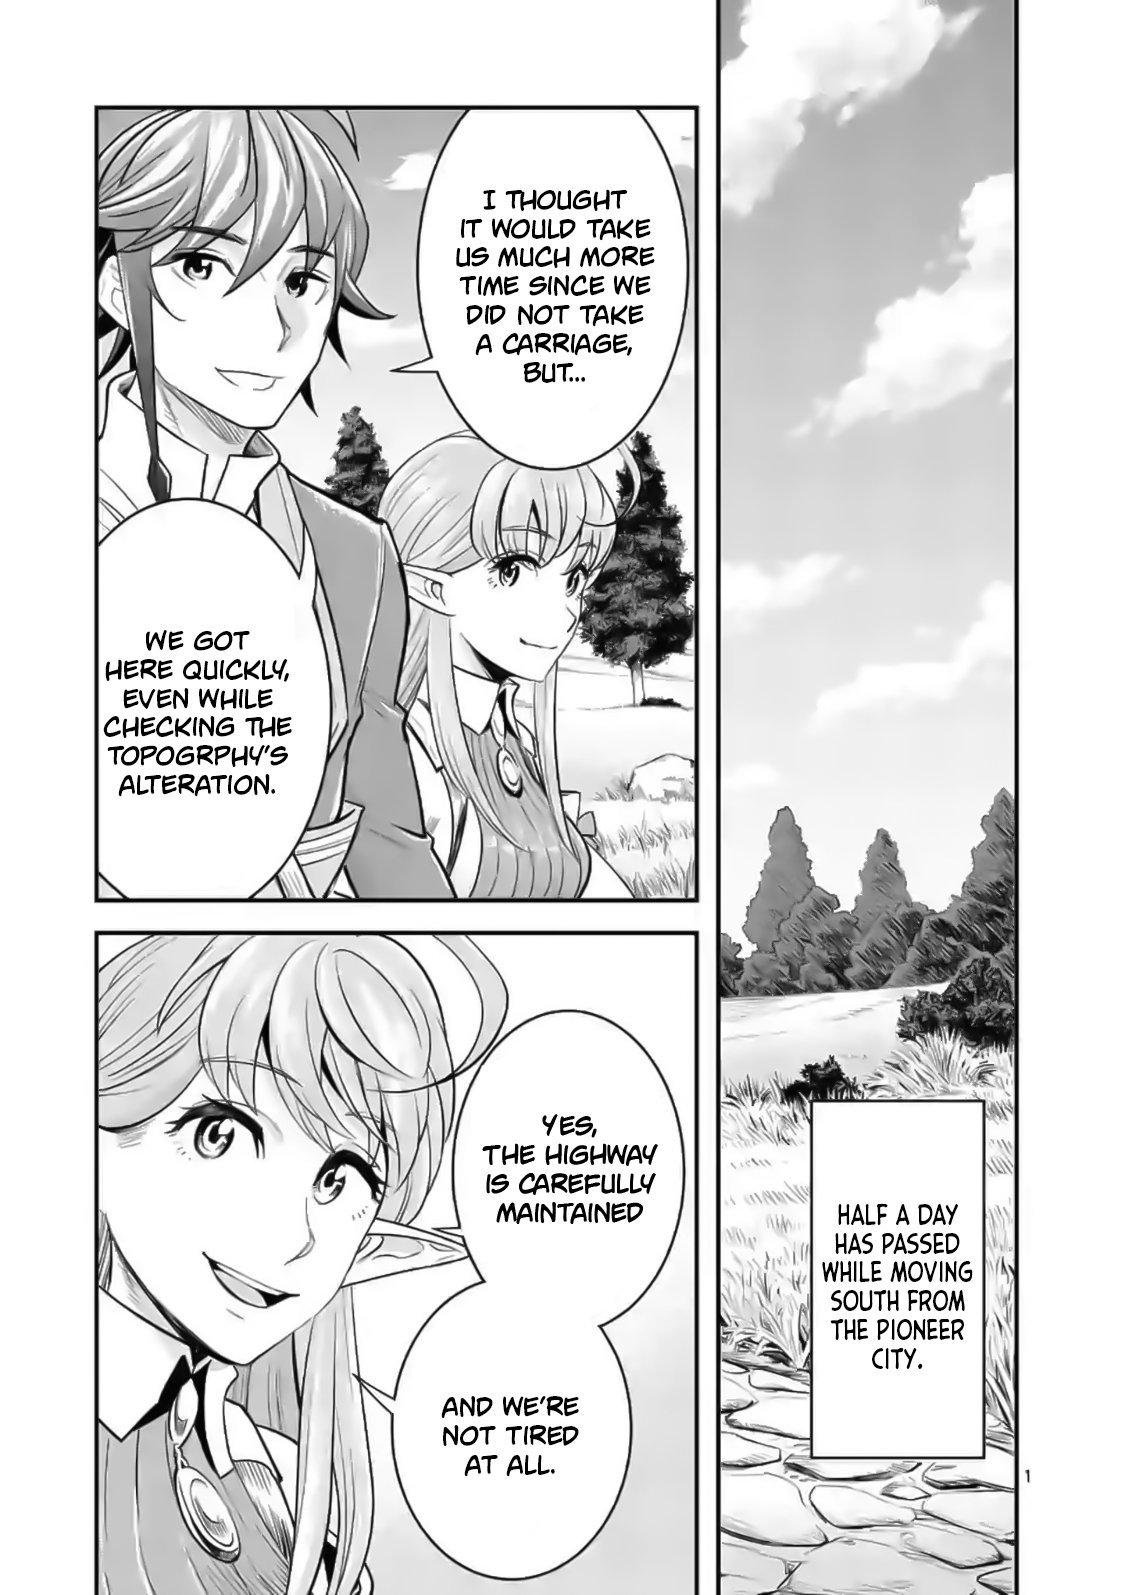 Manga 100-nin no Eiyuu o Sodateta Saikyou Yogensha wa, Boukensha ni Natte mo Sekaijuu no Deshi kara Shitawarete Masu - Chapter 19 Page 2